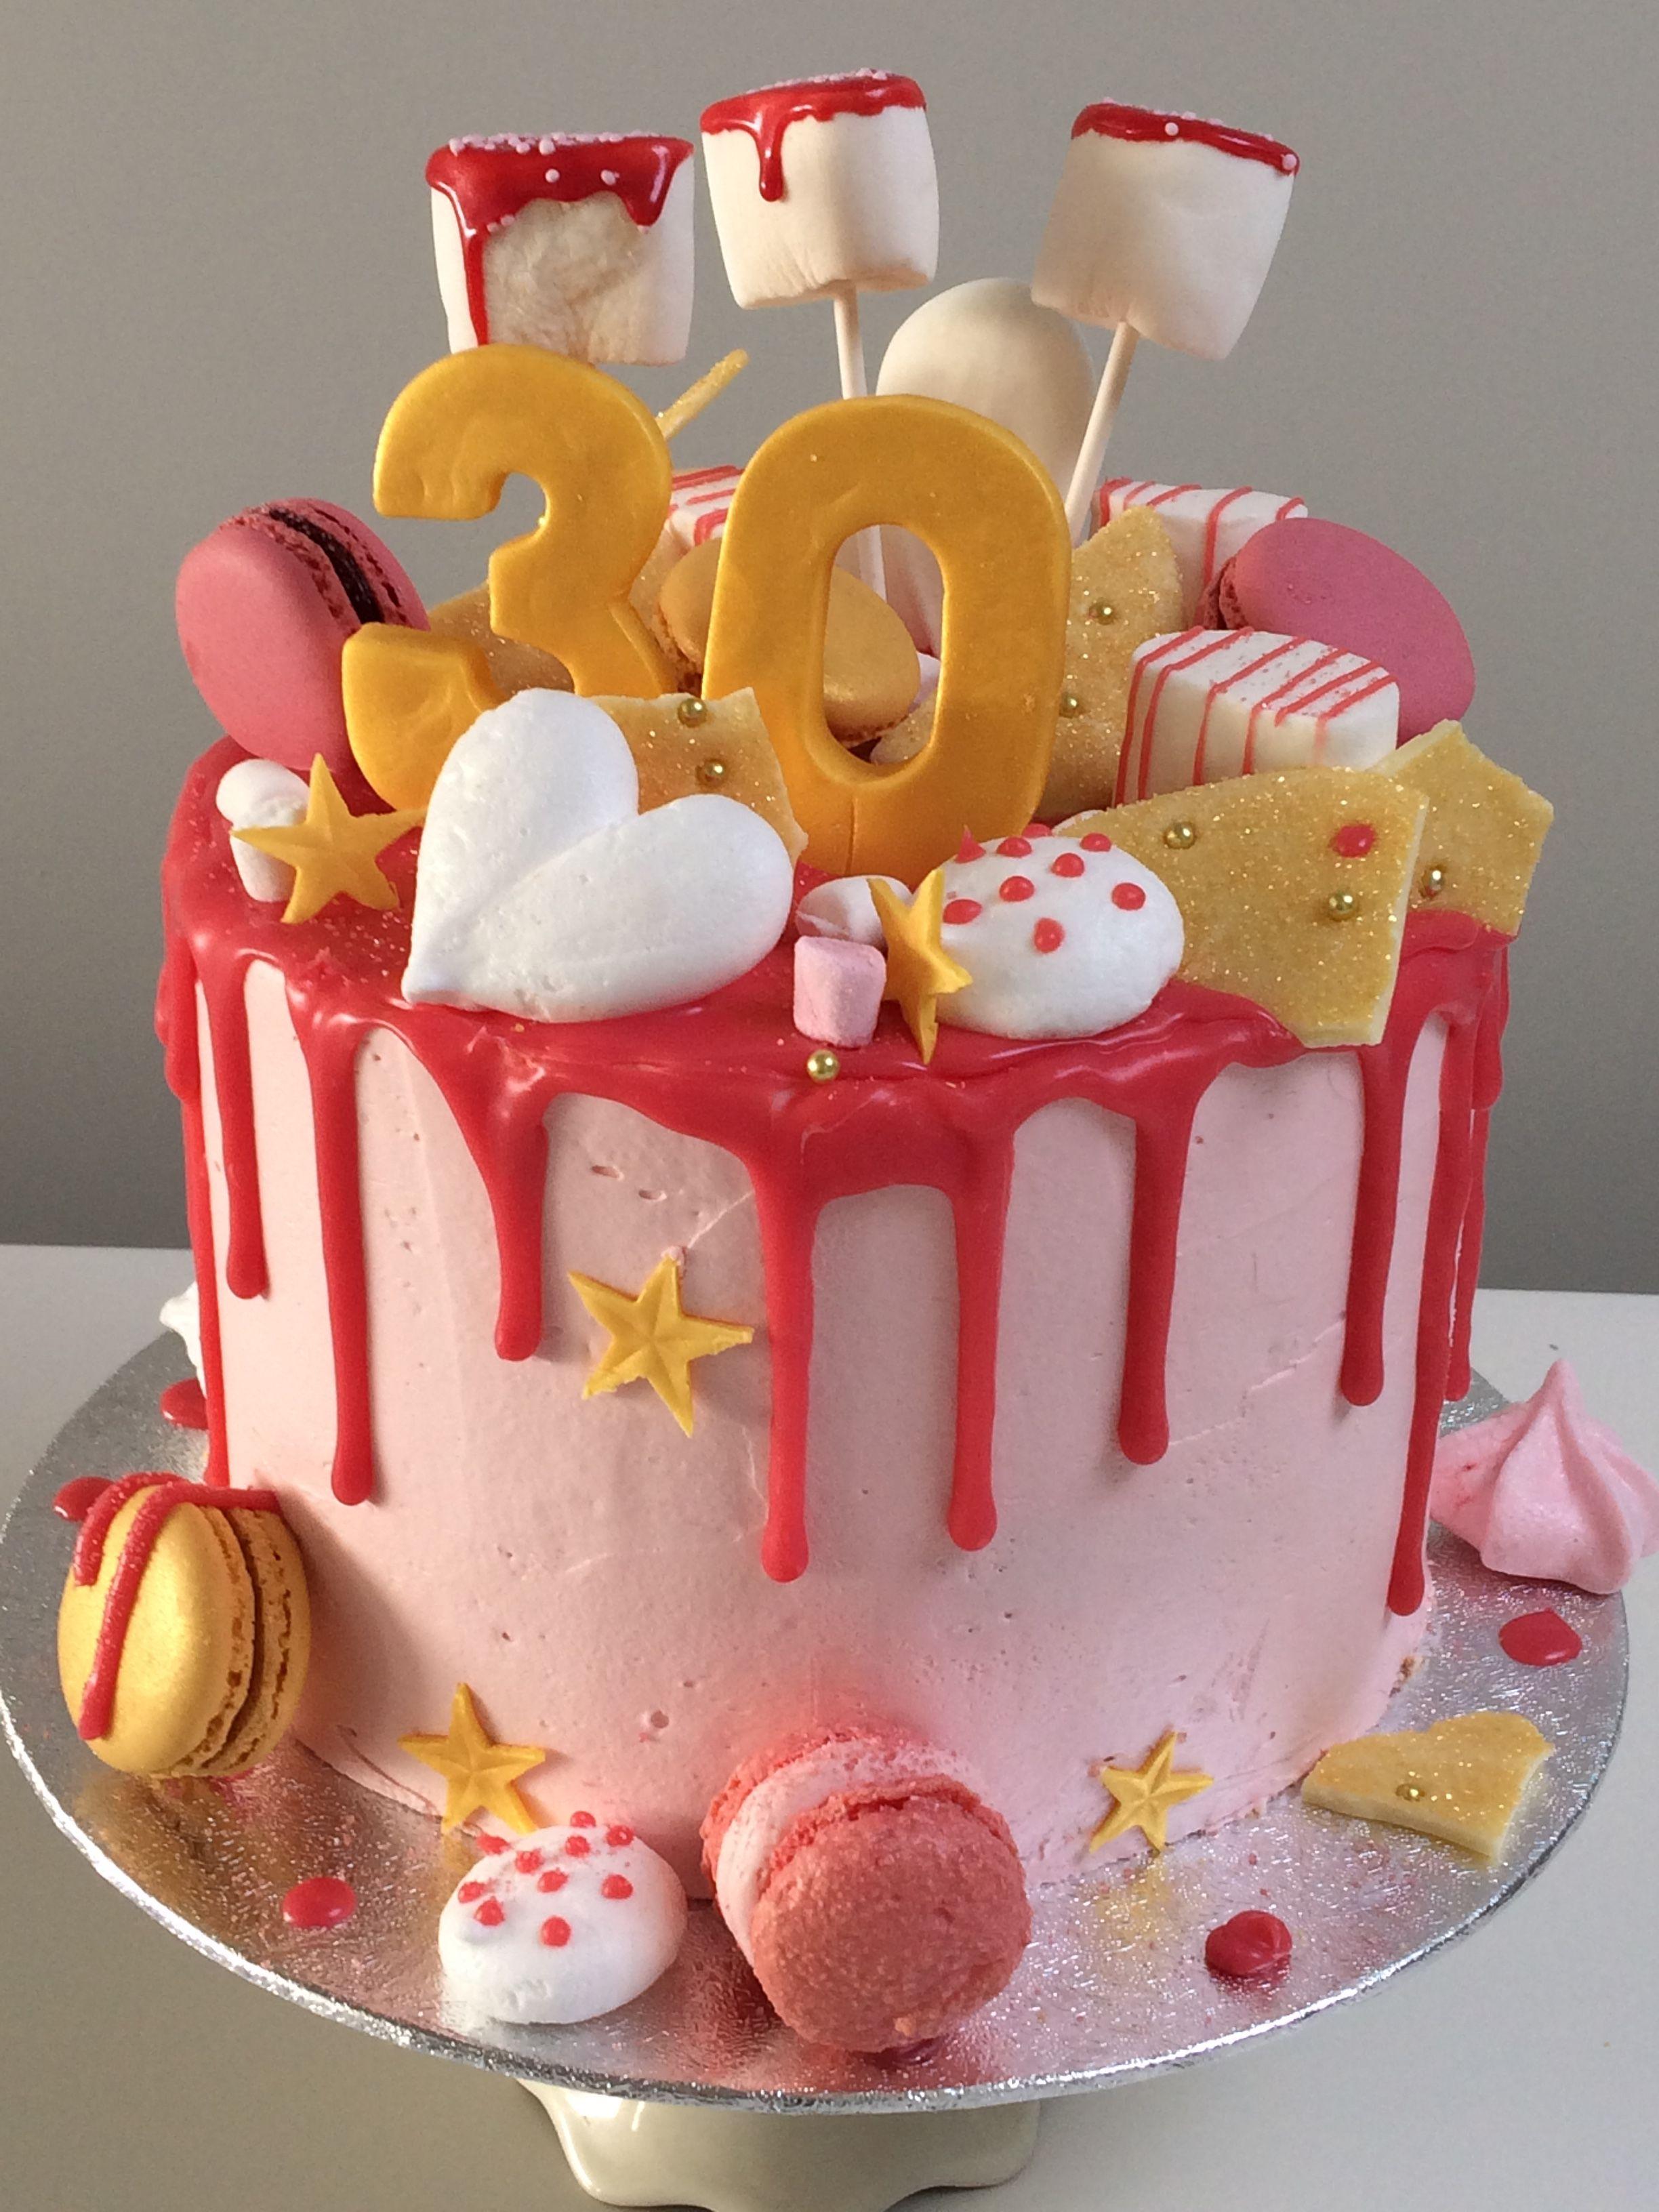 taart 30 jaar Dripping taart met schuimpjes en macarons, 30 jaar | moonsbakery  taart 30 jaar